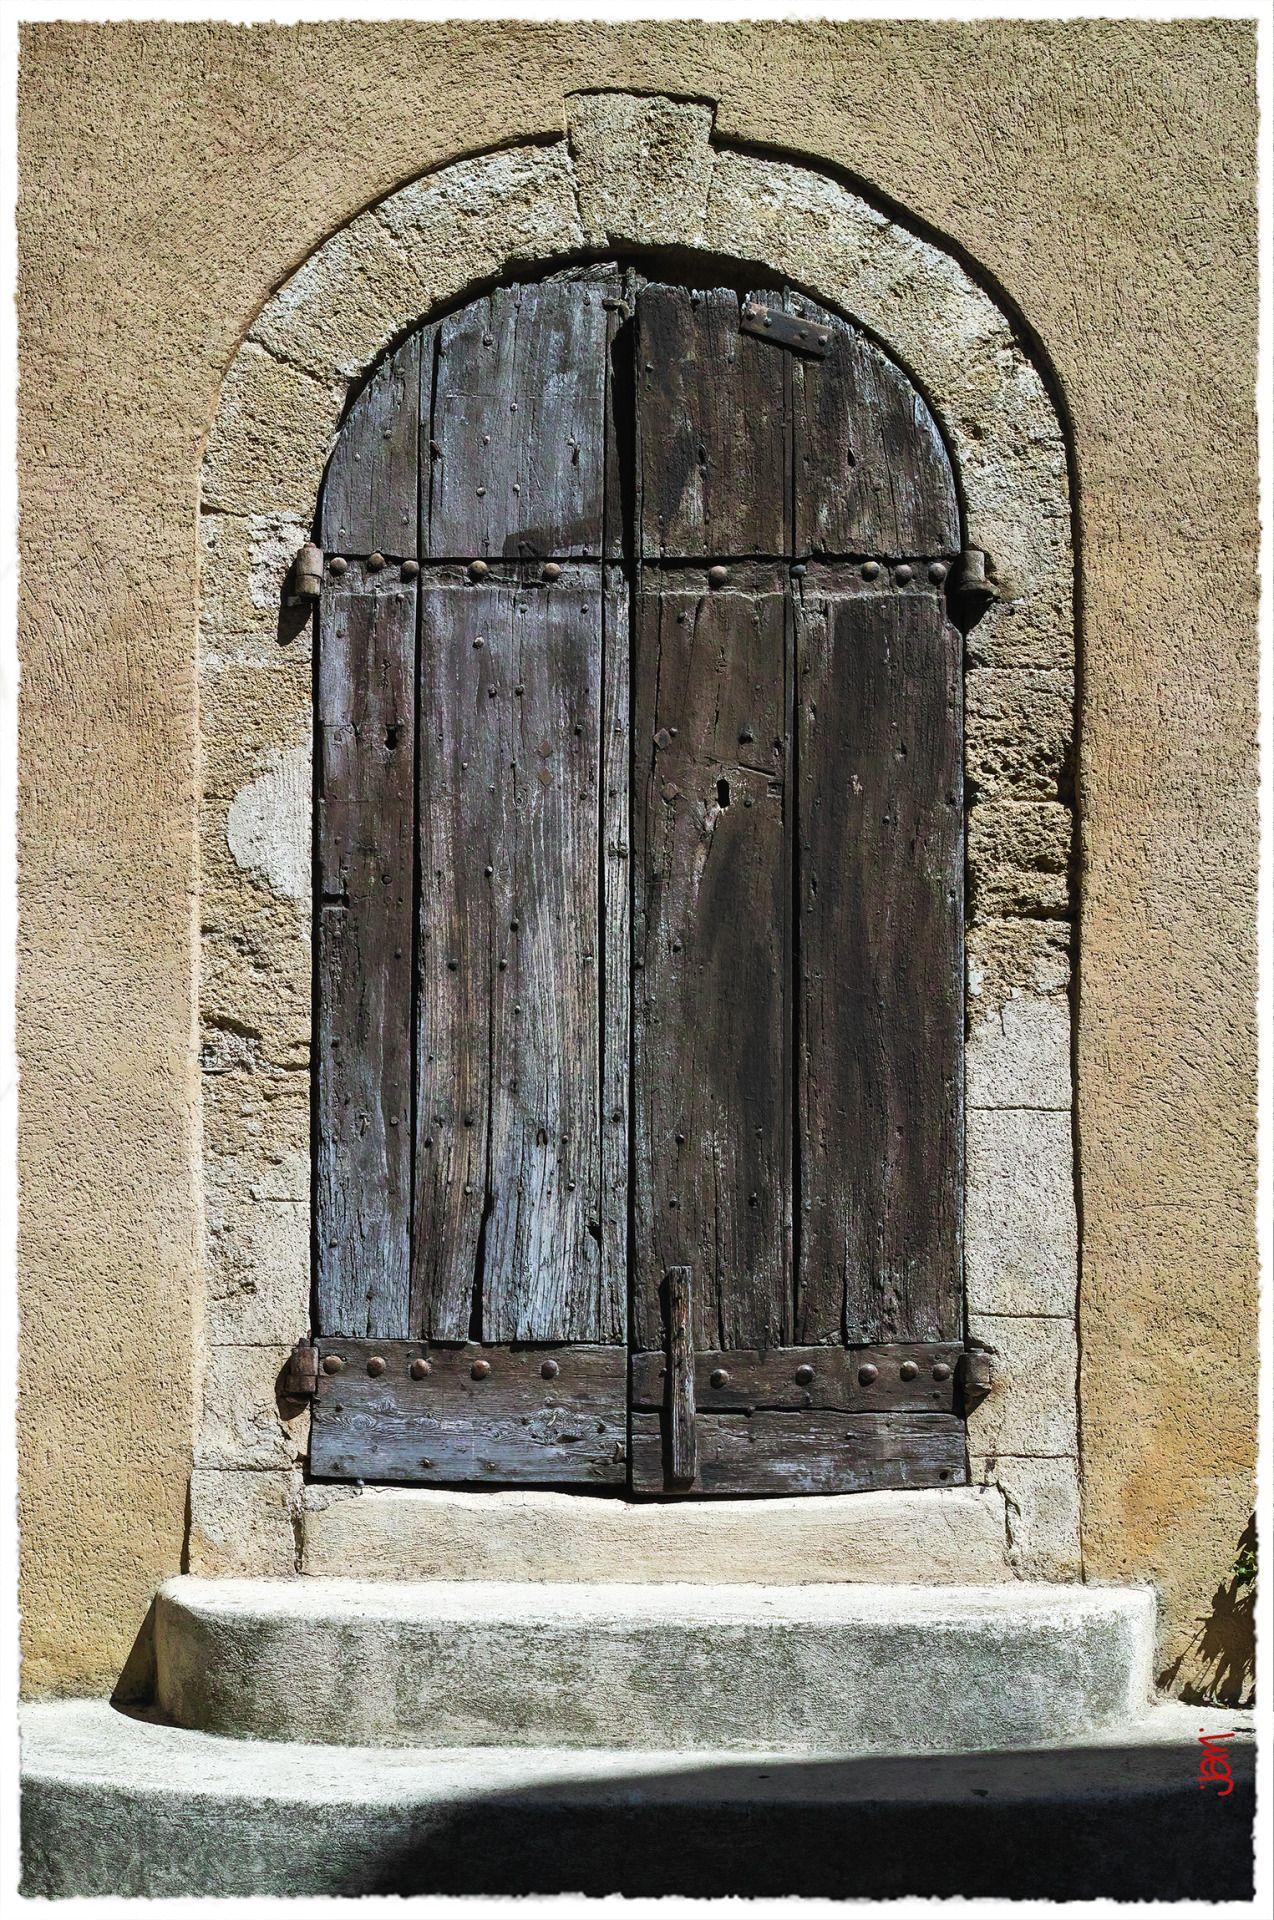 Une très vieille et très belle porte, sous le soleil de Lourmarin, classé comme un des plus beaux villages de France, en Provence.